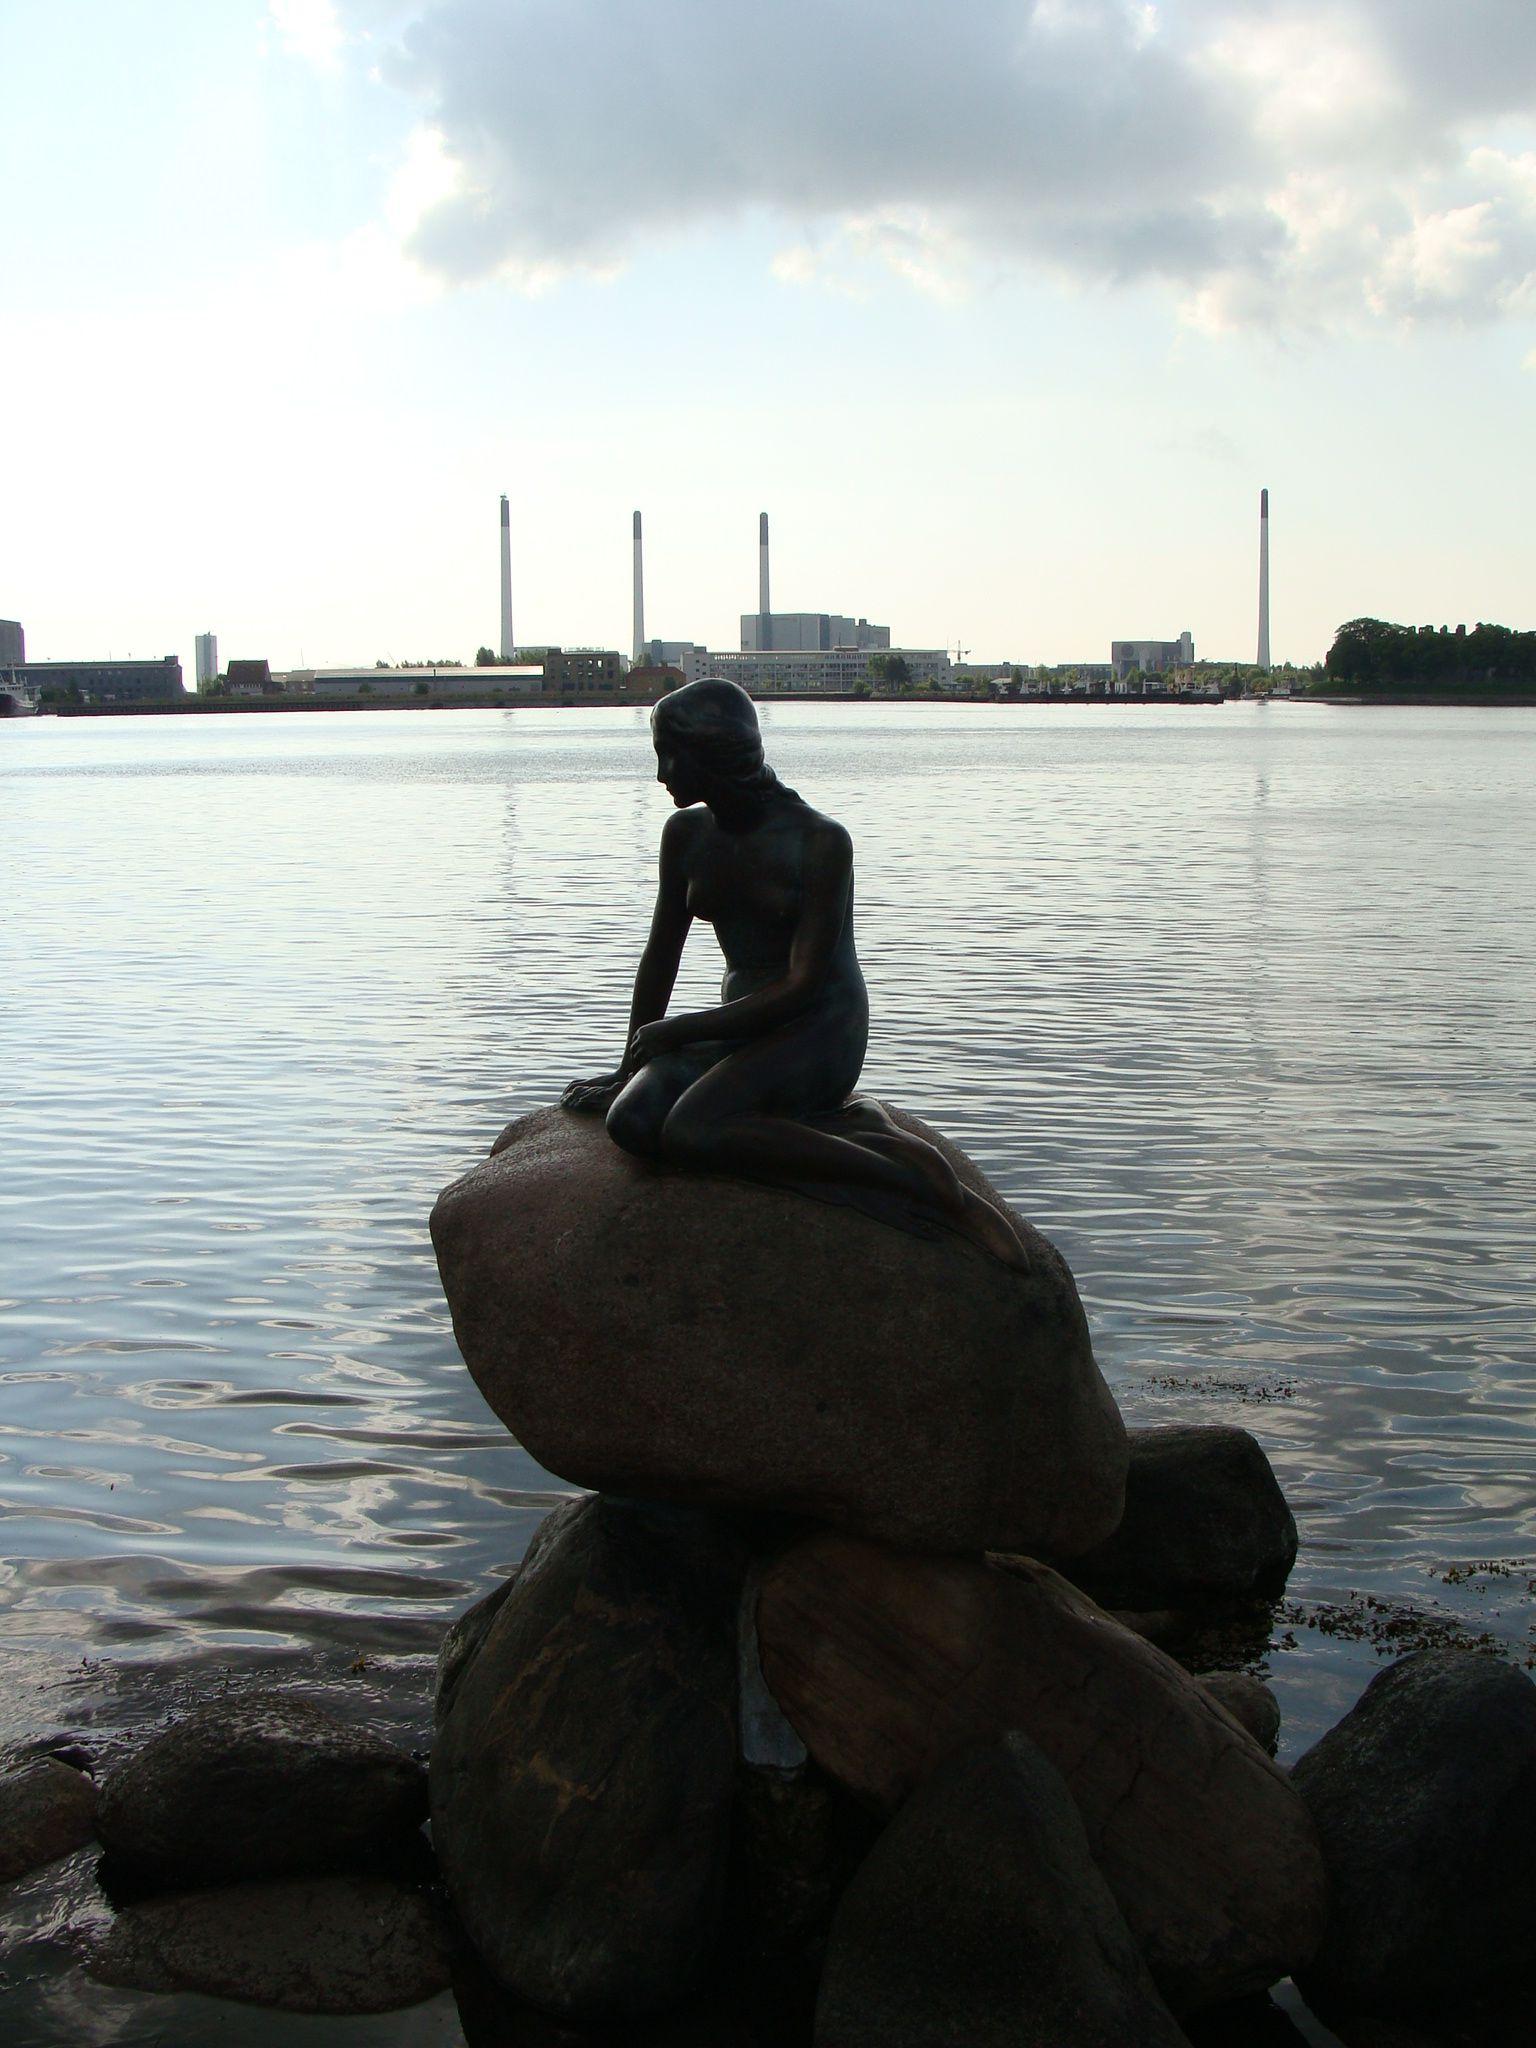 [PH] The statue of The Little Mermaid, Copenhagen, Denmark, 20080520